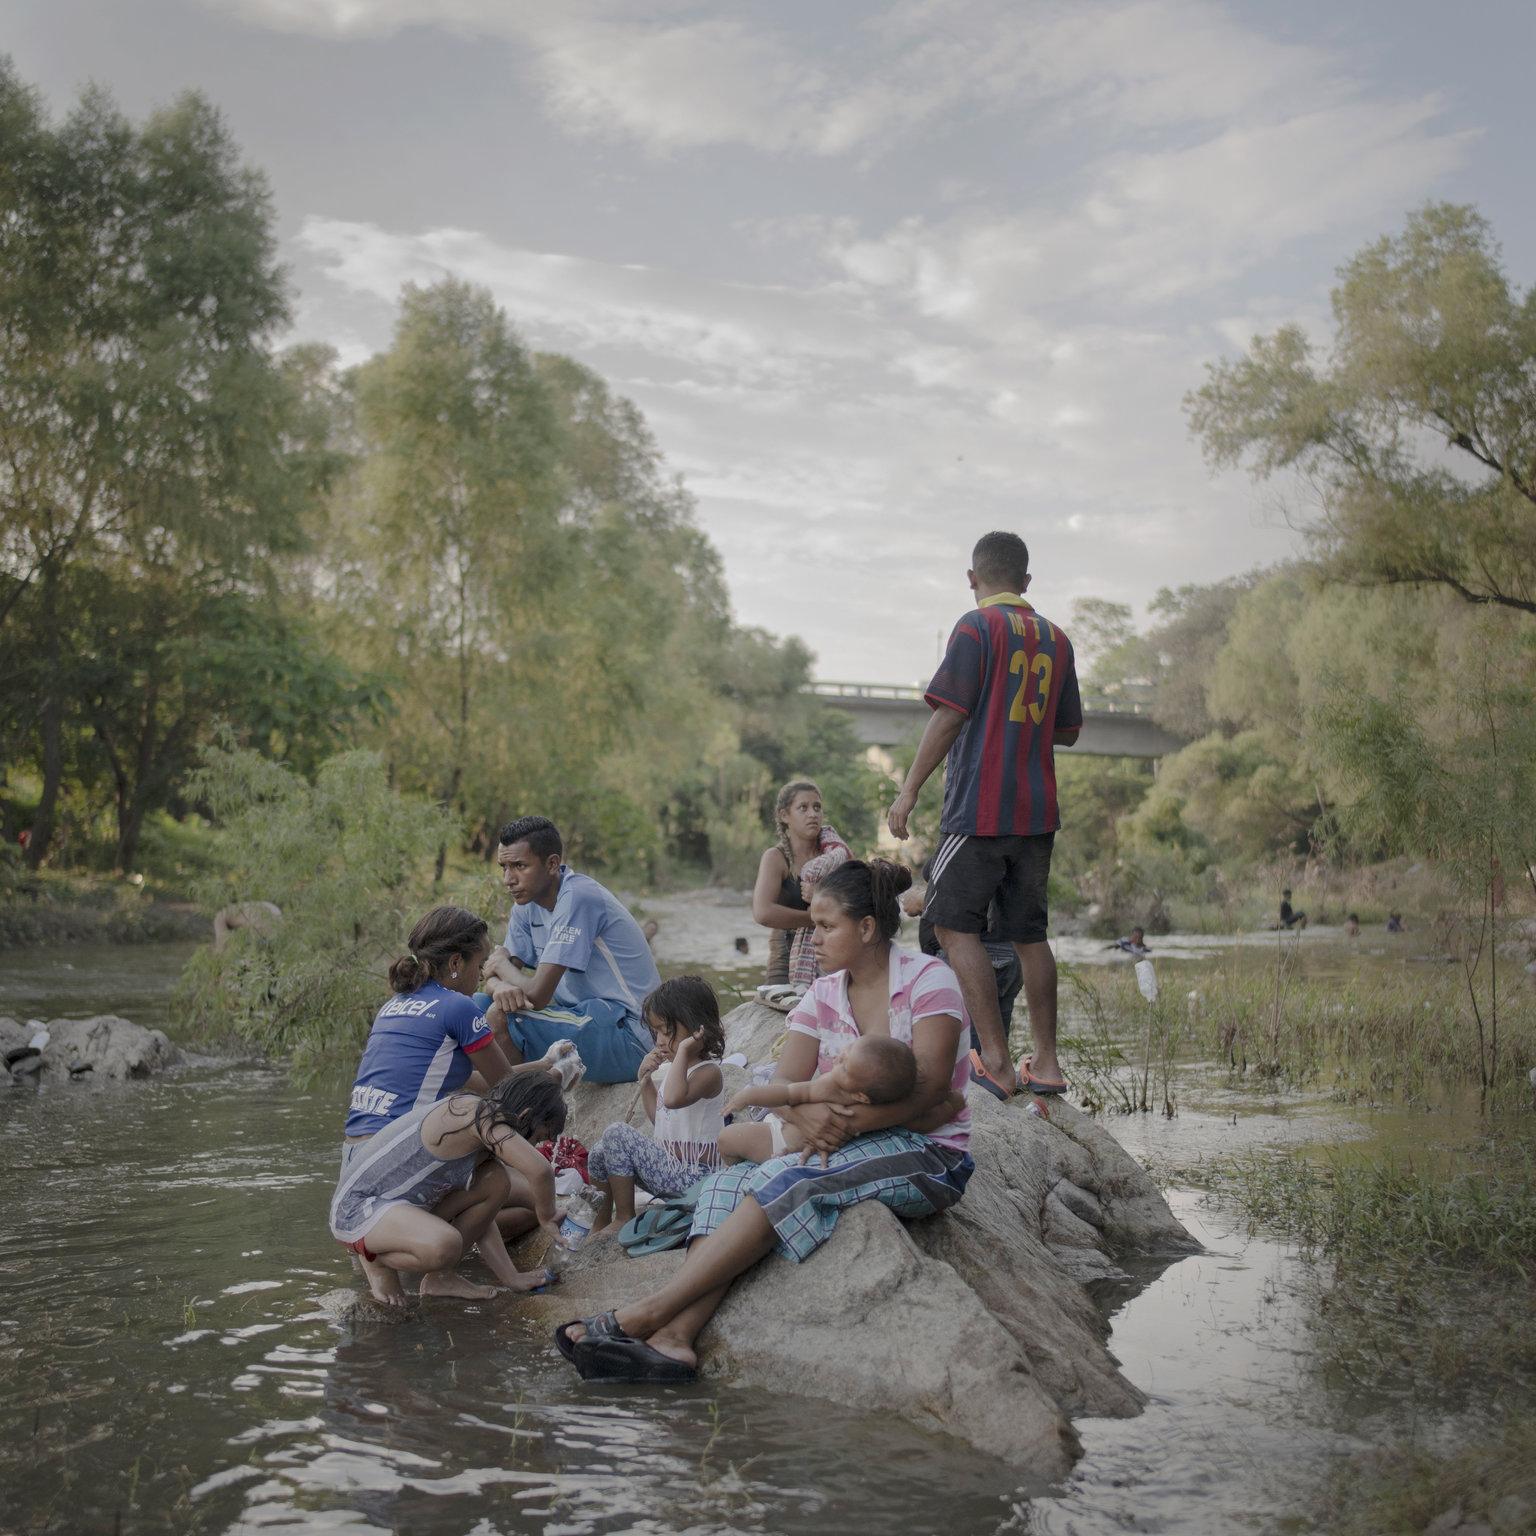 Tapanatepec, 2019. április 12. A World Press Photo Alapítvány által közreadott, 2018. októberben készített képen az Egyesült Államokba igyekvő közép-amerikai illegális bevándorlók megpihennek a Novillero folyónál, a mexikói Tapanatepec közelében. A fénykép a svéd-holland Pieter Ten Hoopen A migránskaraván című munkájának része, amellyel elnyerte a 2018-as Év Fotóriportja díjat a World Press Photo nemzetközi sajtófotóversenyen 2019. április 11-én. MTI/EPA/Pieter Ten Hoopen